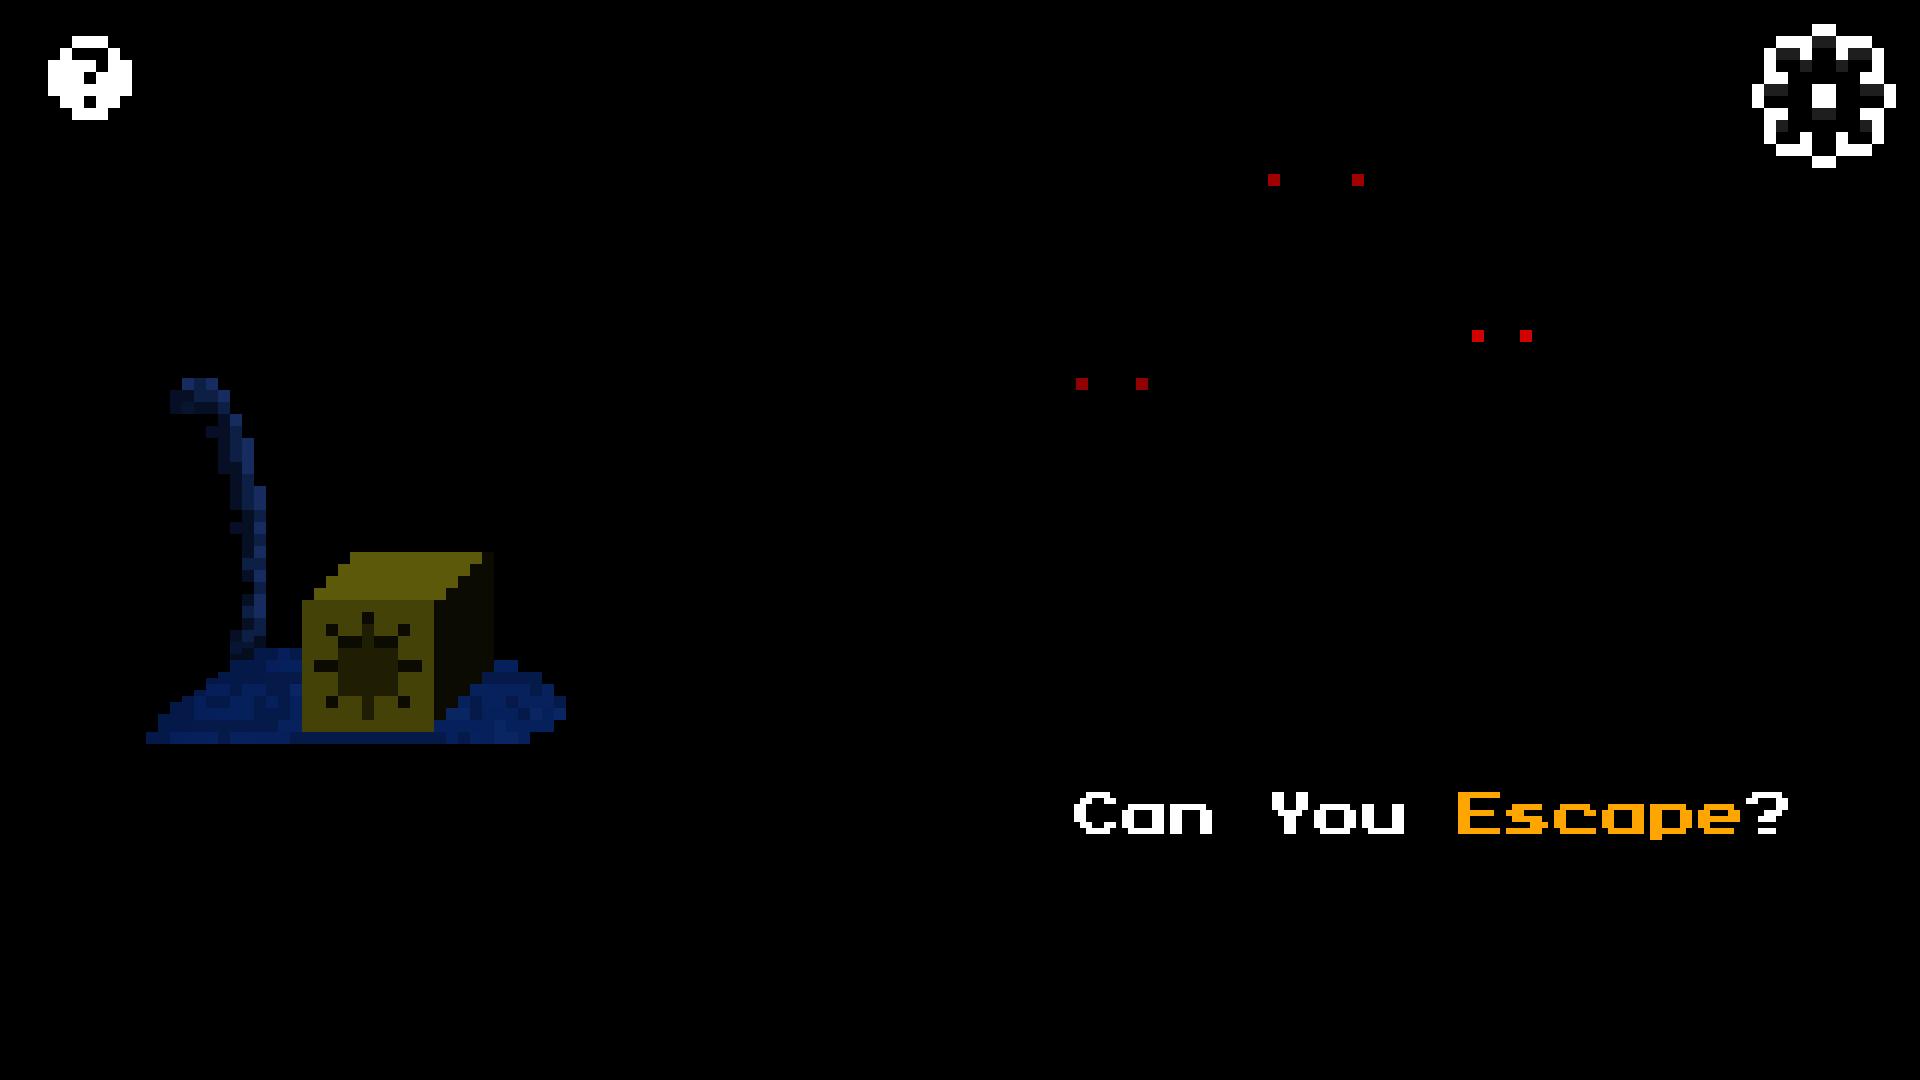 4_Escape